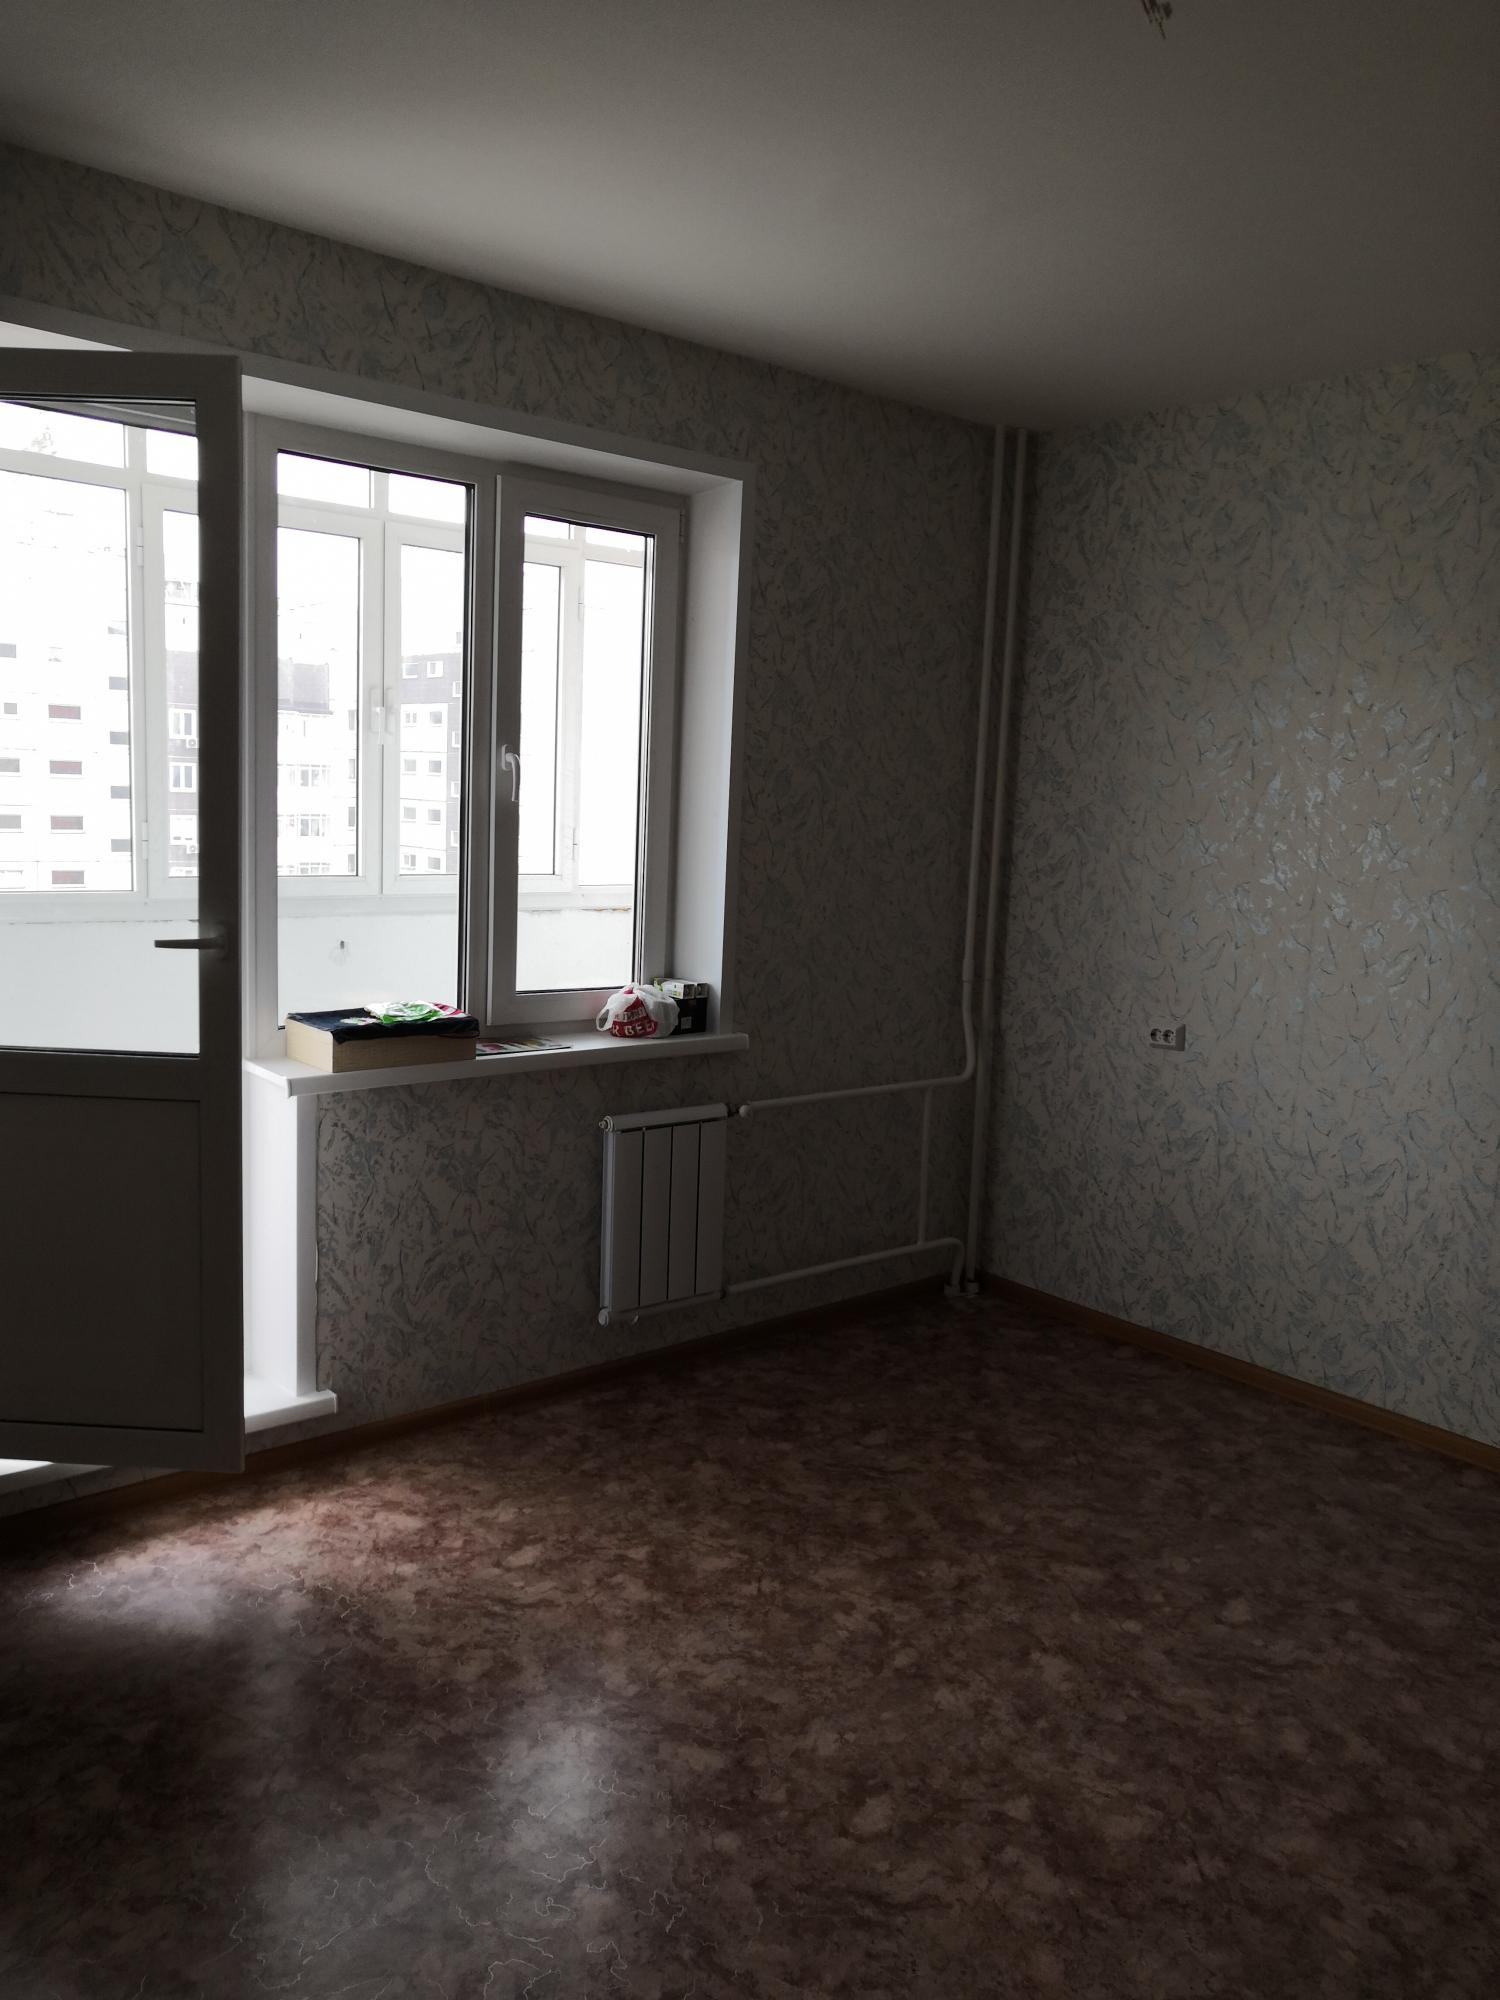 1к квартира улица Чернышевского, 122 | 10000 | аренда в Красноярске фото 6